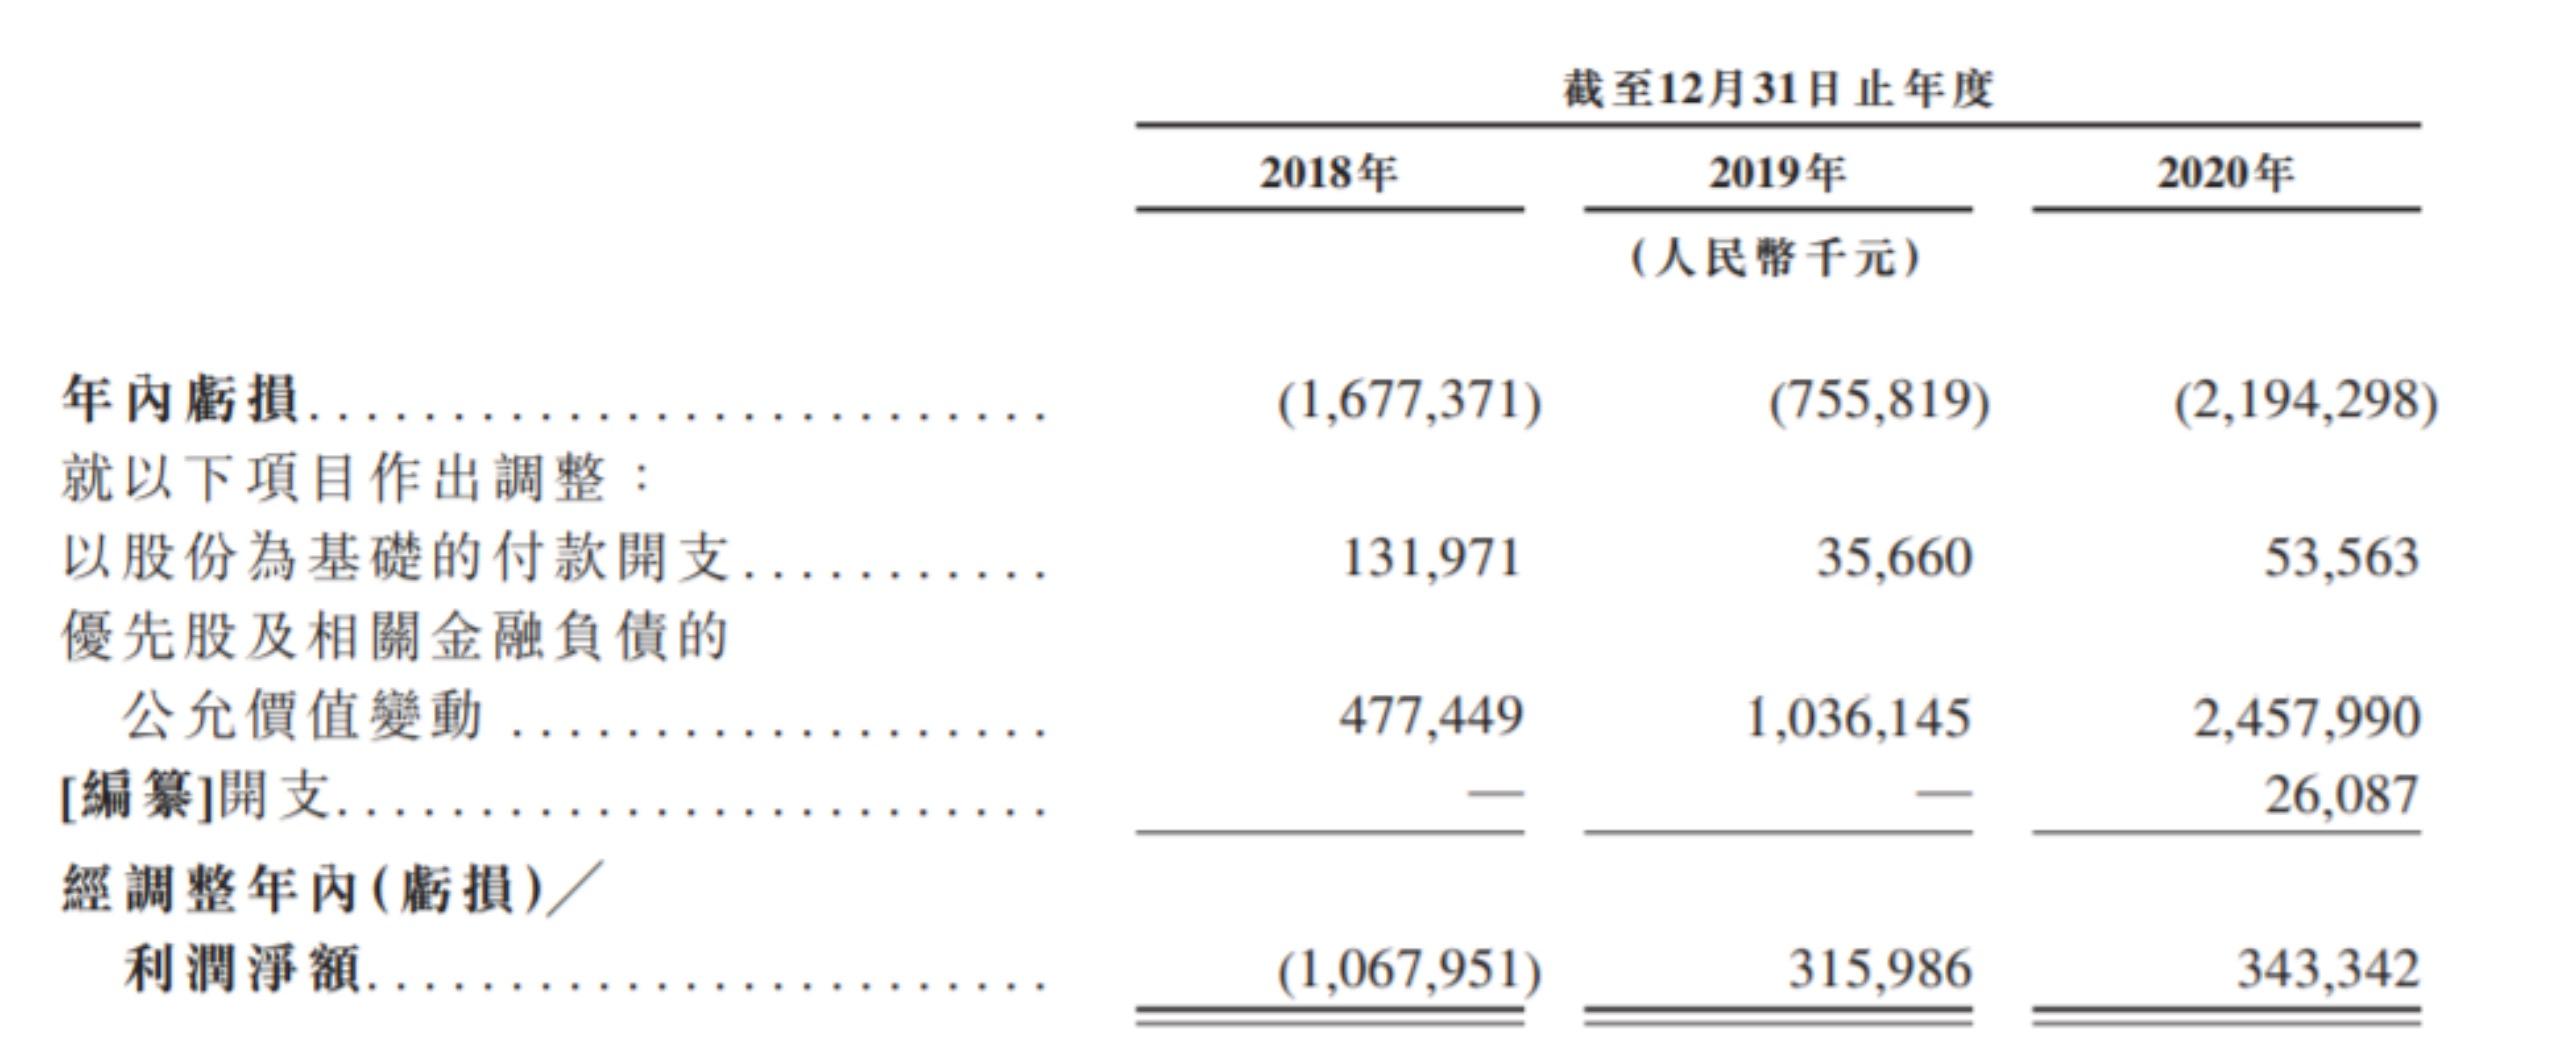 嘀嗒出行招股书显示2020年既赚3.43亿又亏21.94亿,怎么回事?